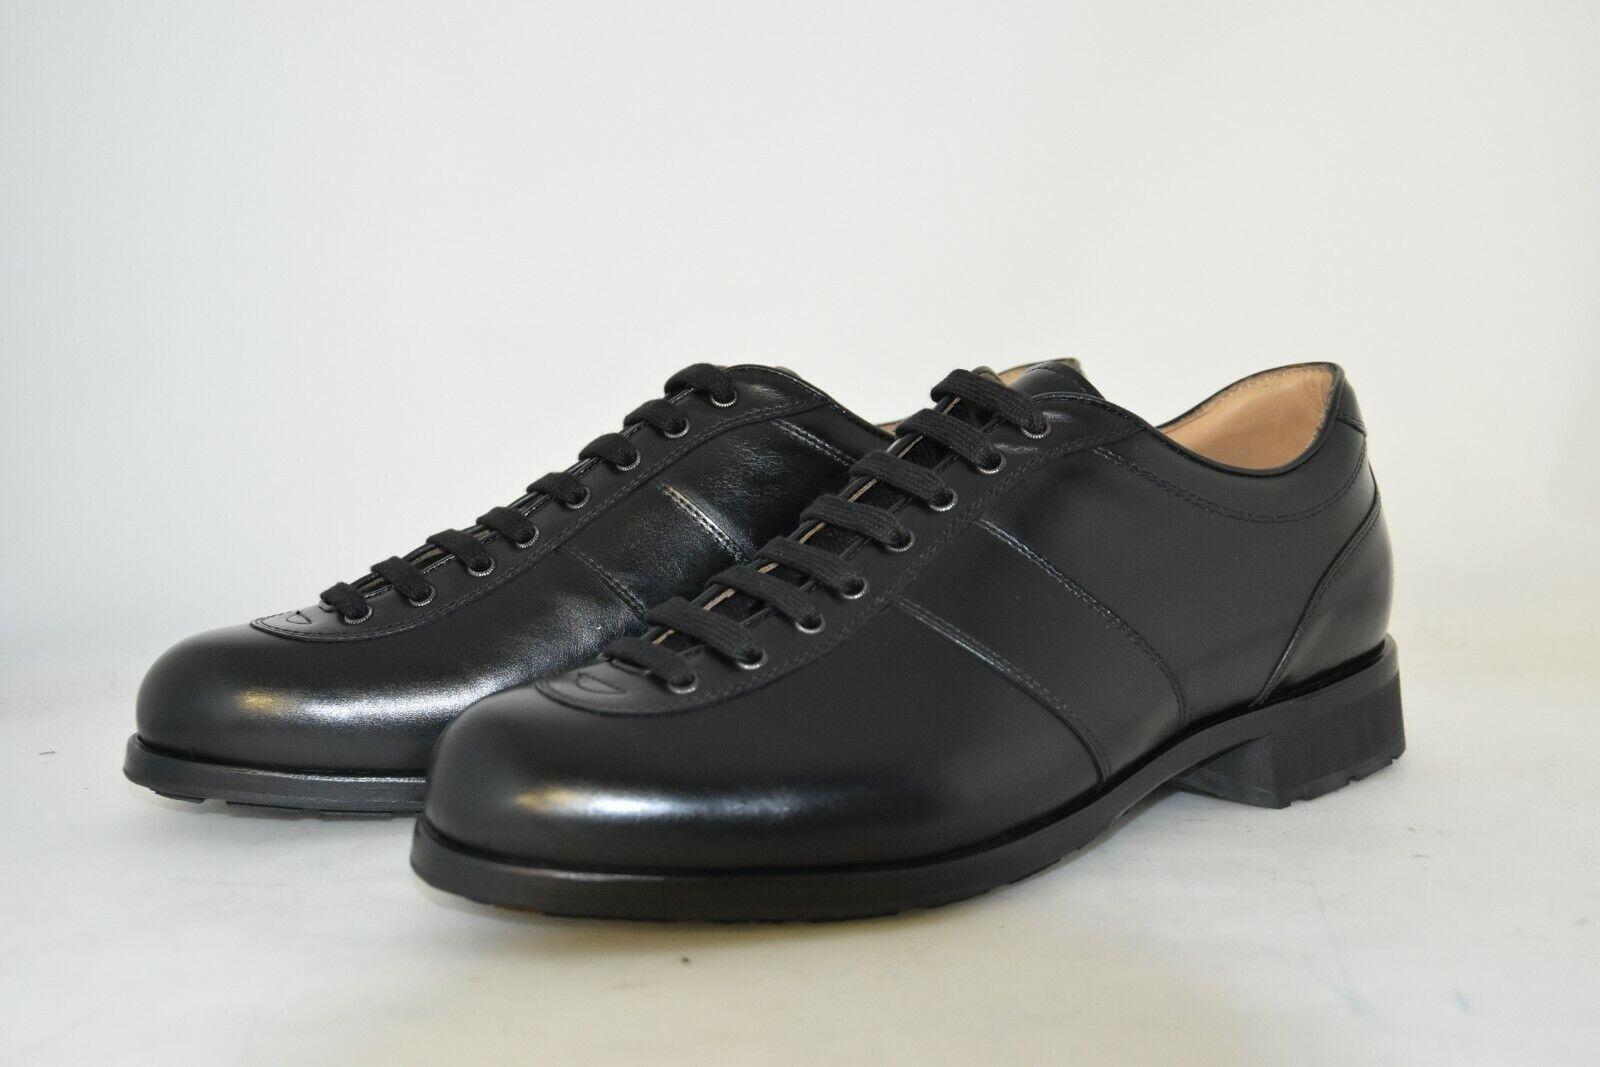 MAN-6eu-7us-CASUAL scarpe da ginnastica-nero CALF-VITELLO NERO RUBBER SOLE - SUOLA GOMMA